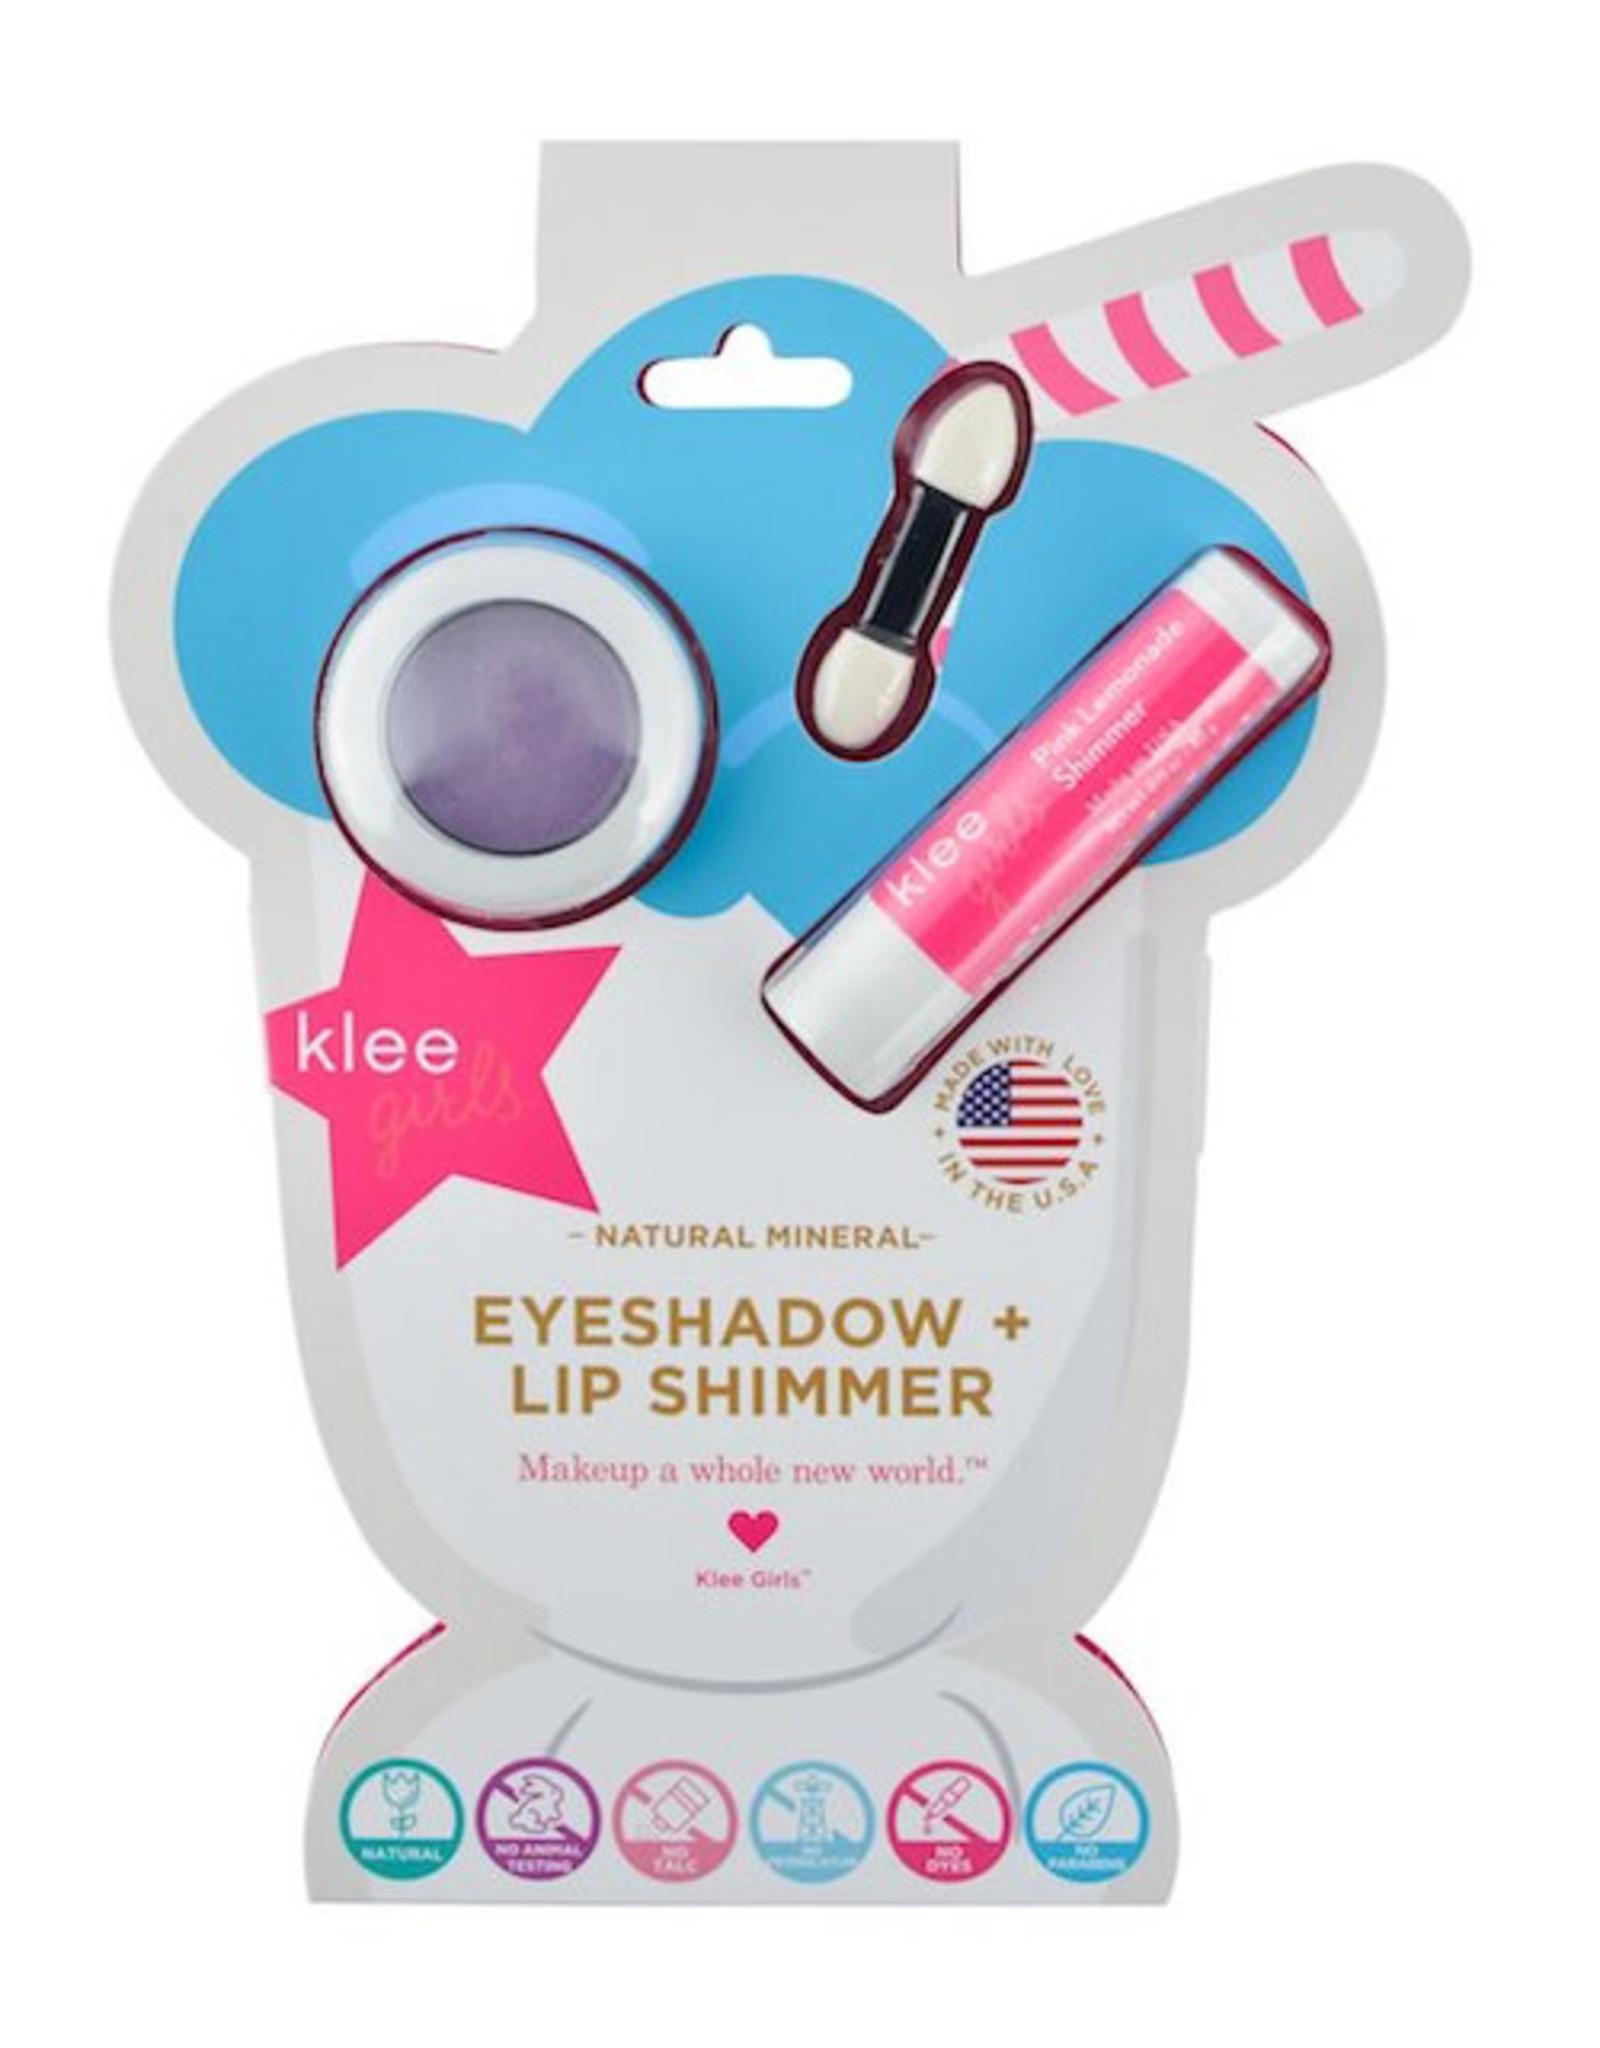 Klee Klee Eyeshadow and Lip Shimmer